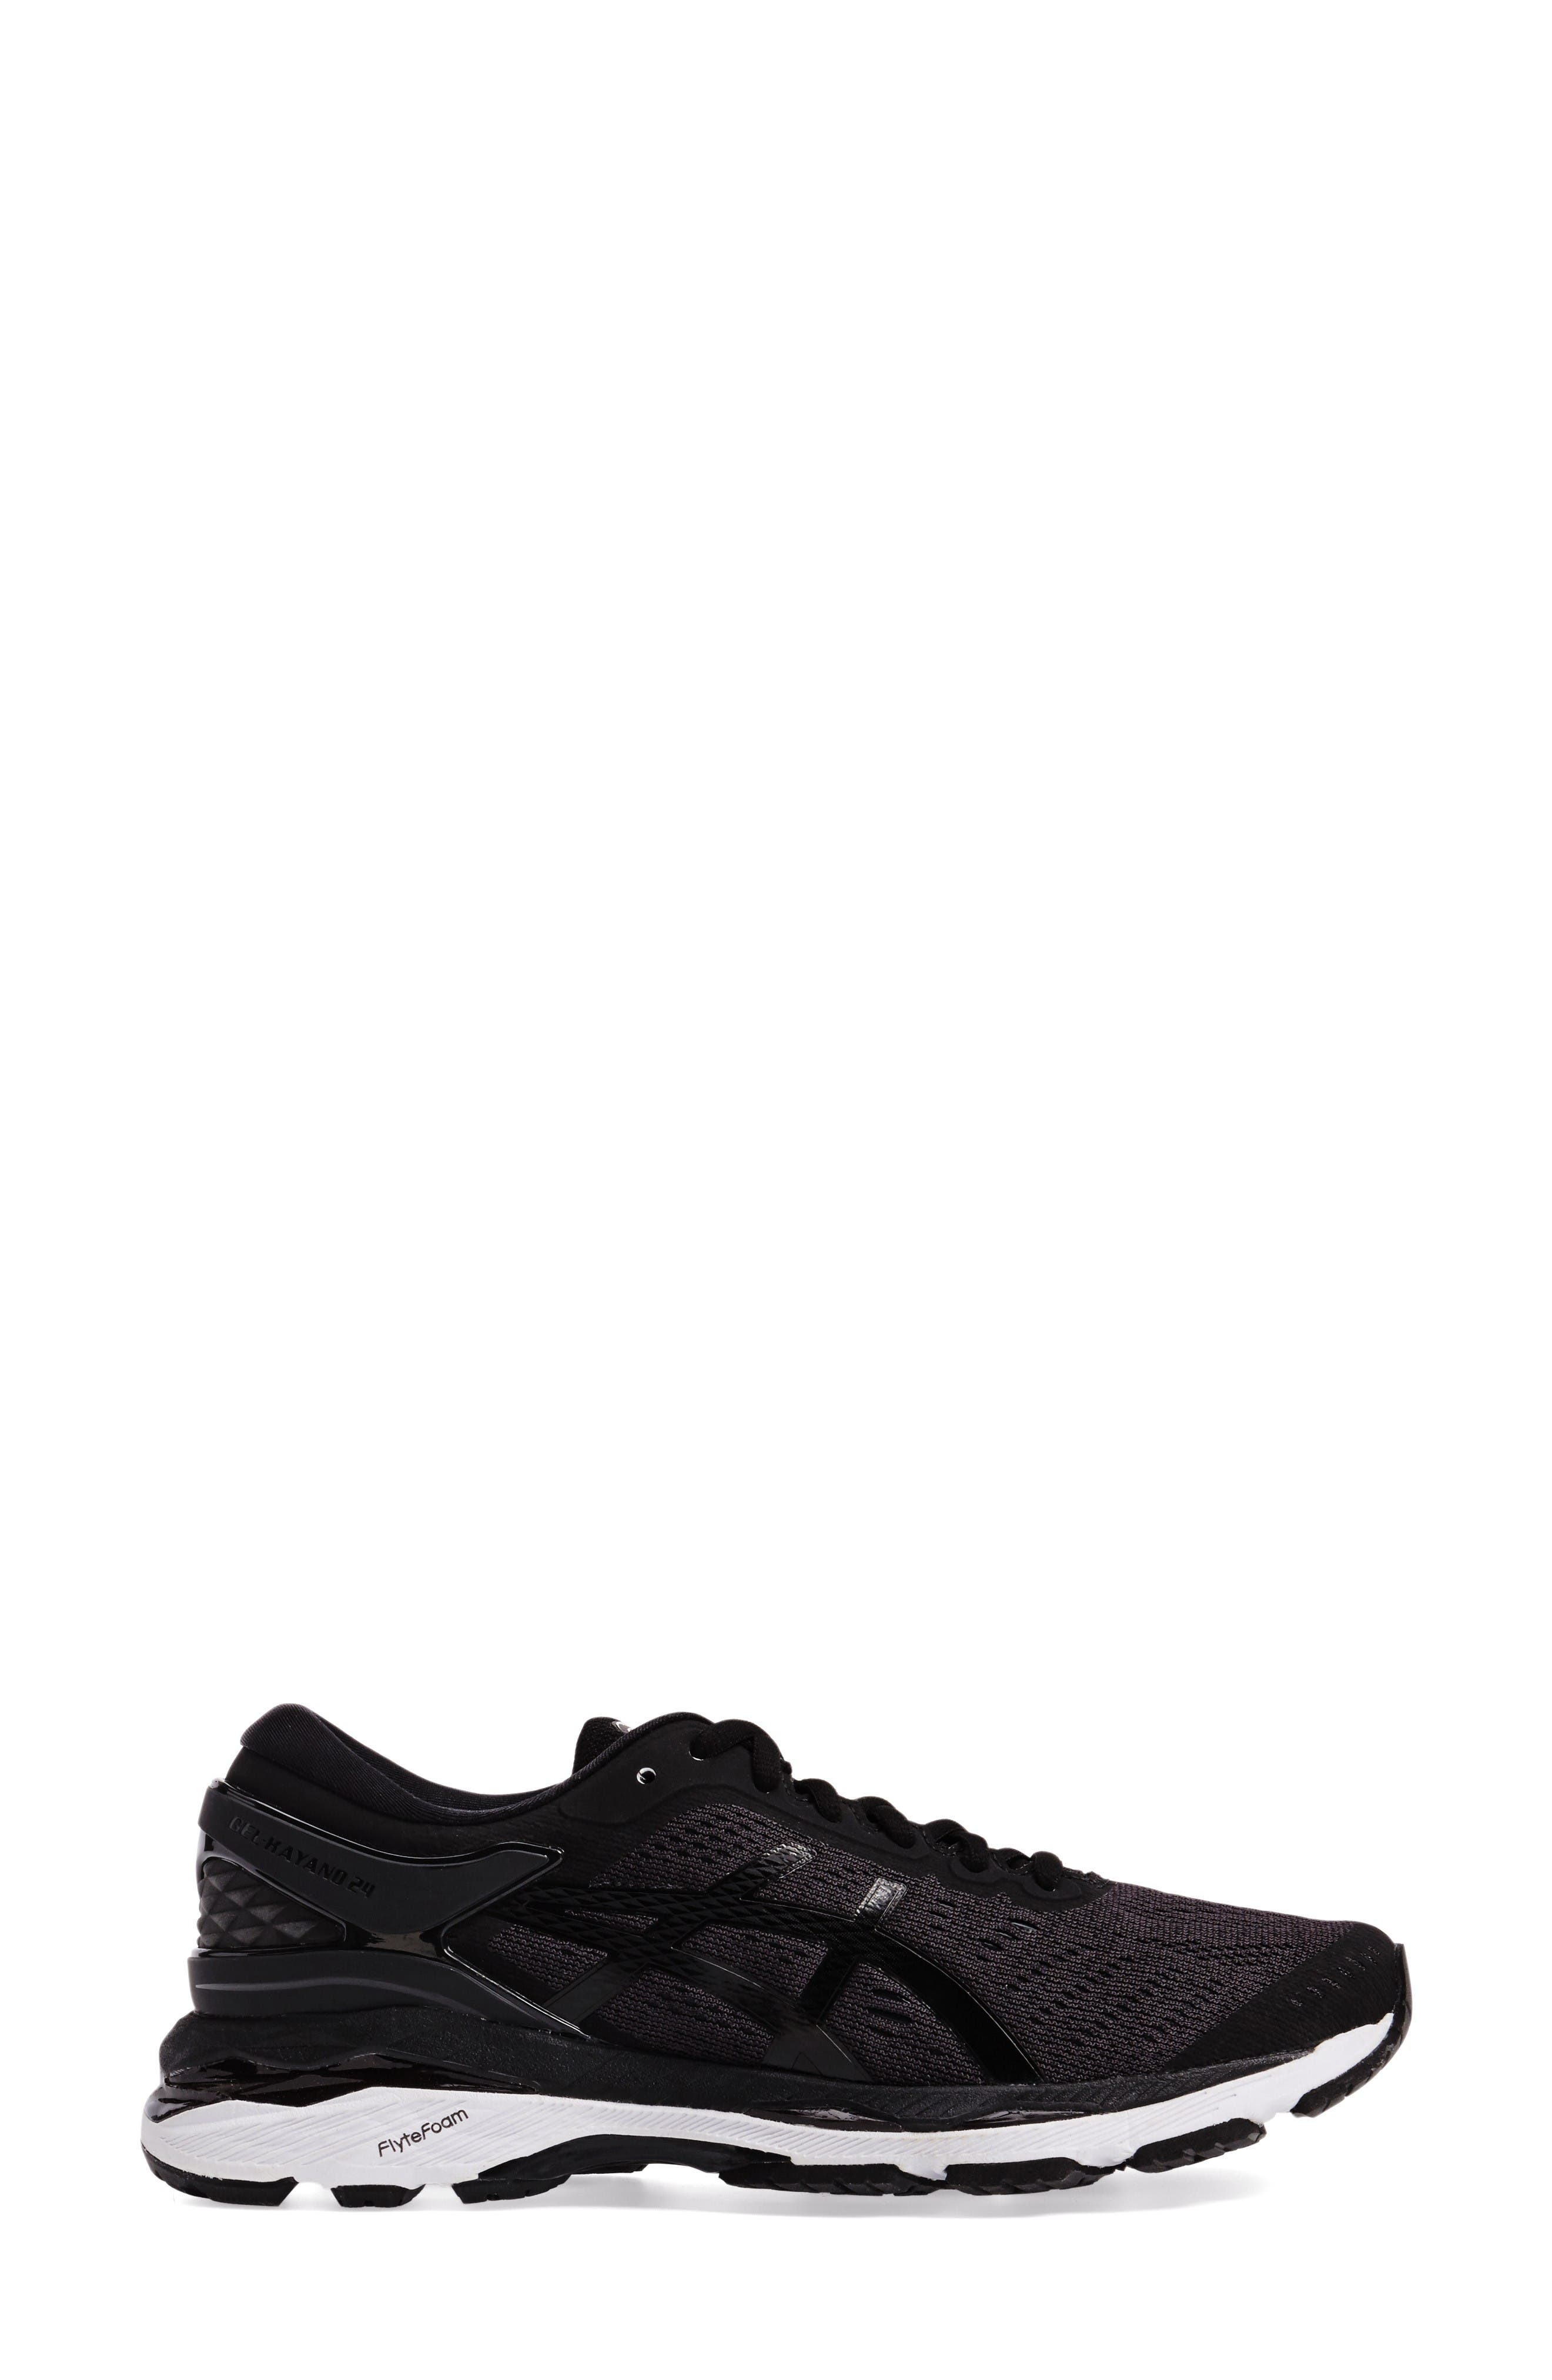 Alternate Image 3  - ASICS® GEL-Kayano® 24 Running Shoe (Women)